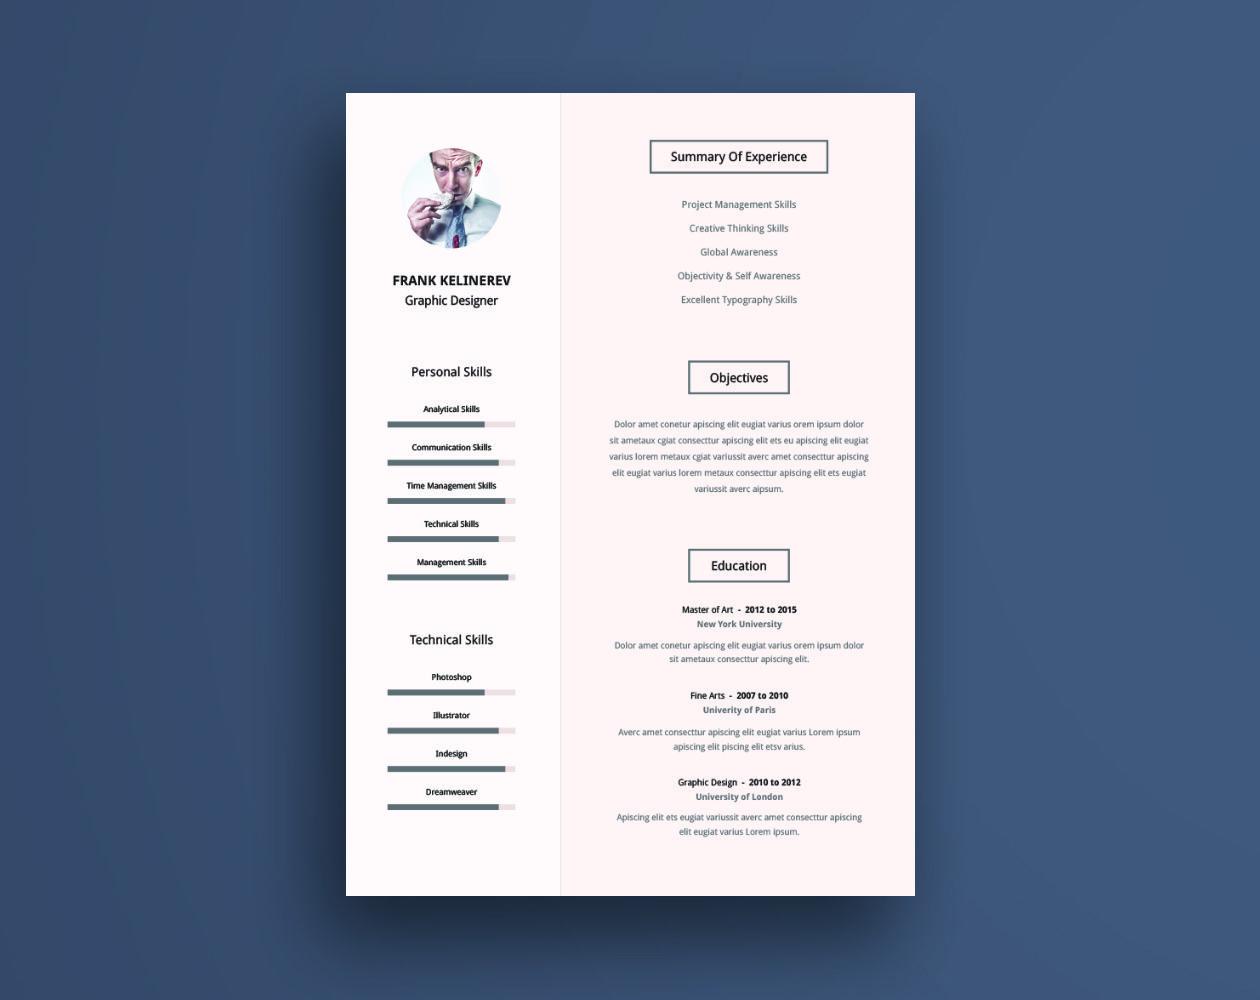 Resume Template Design => More At Designresources.io